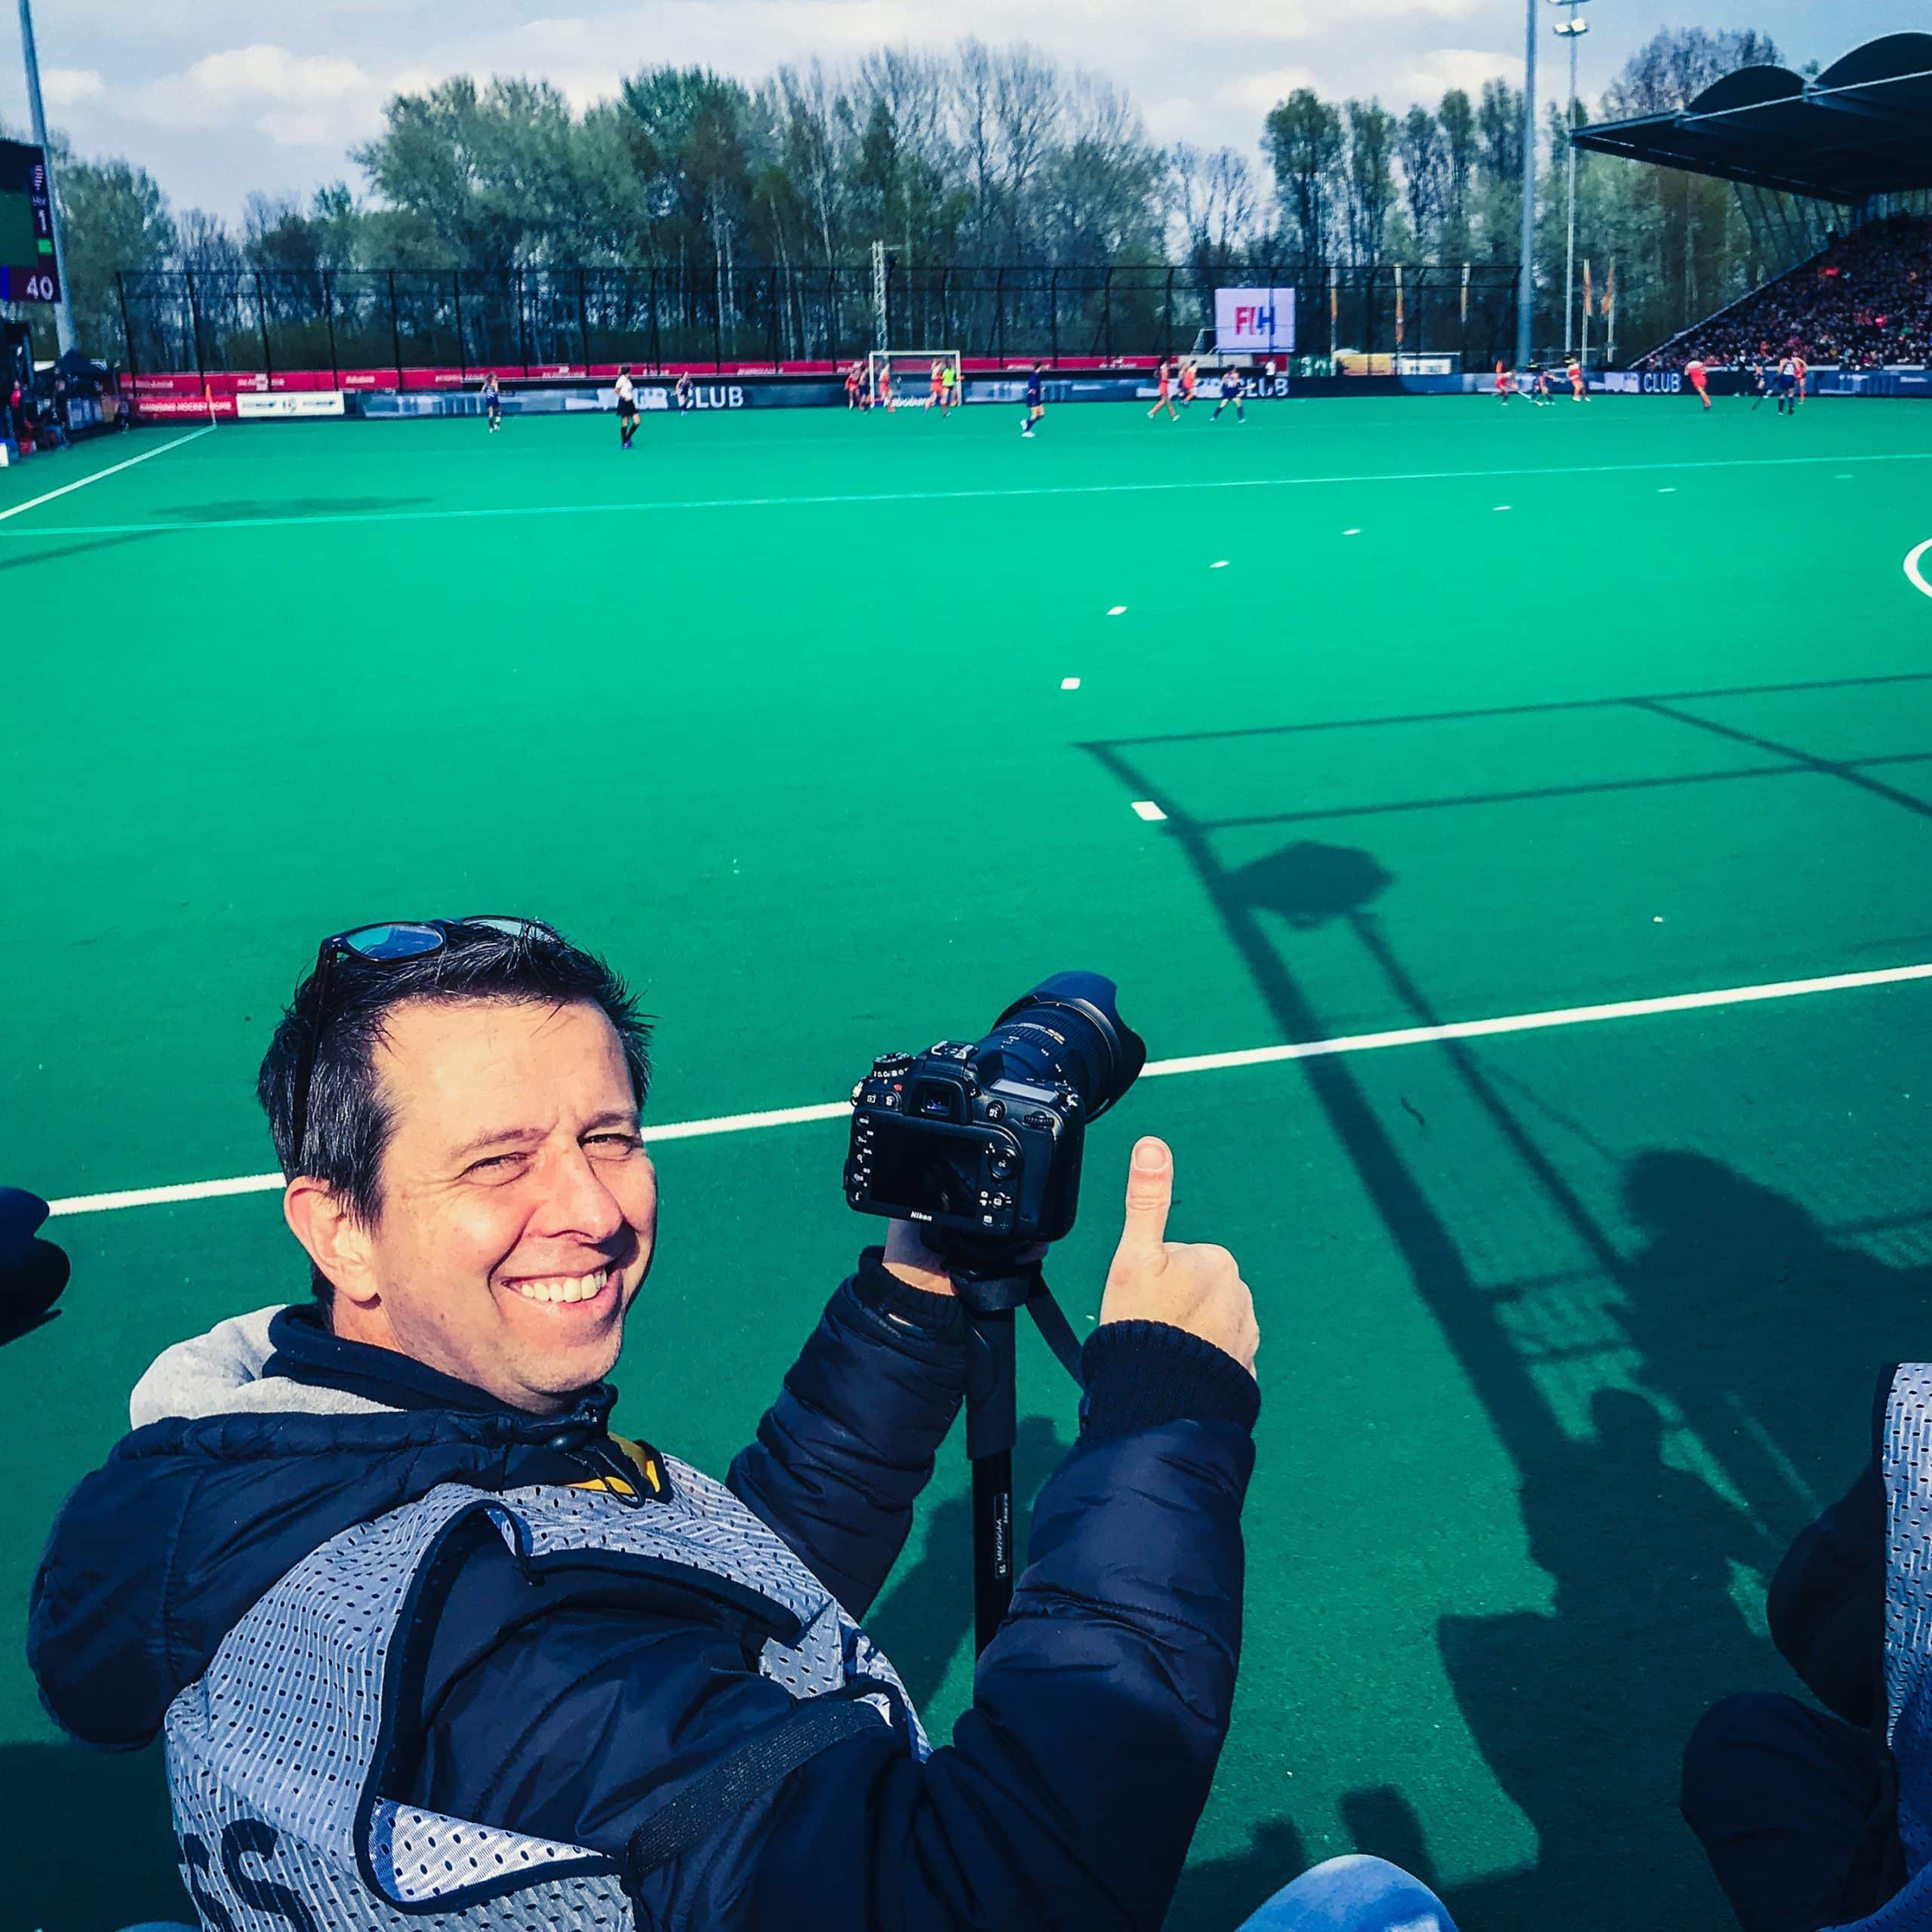 De hockeyfotograaf legt al je hockeywedstrijd acties vast op beeld. Hockey fotografie-Sport fotografie-reportage